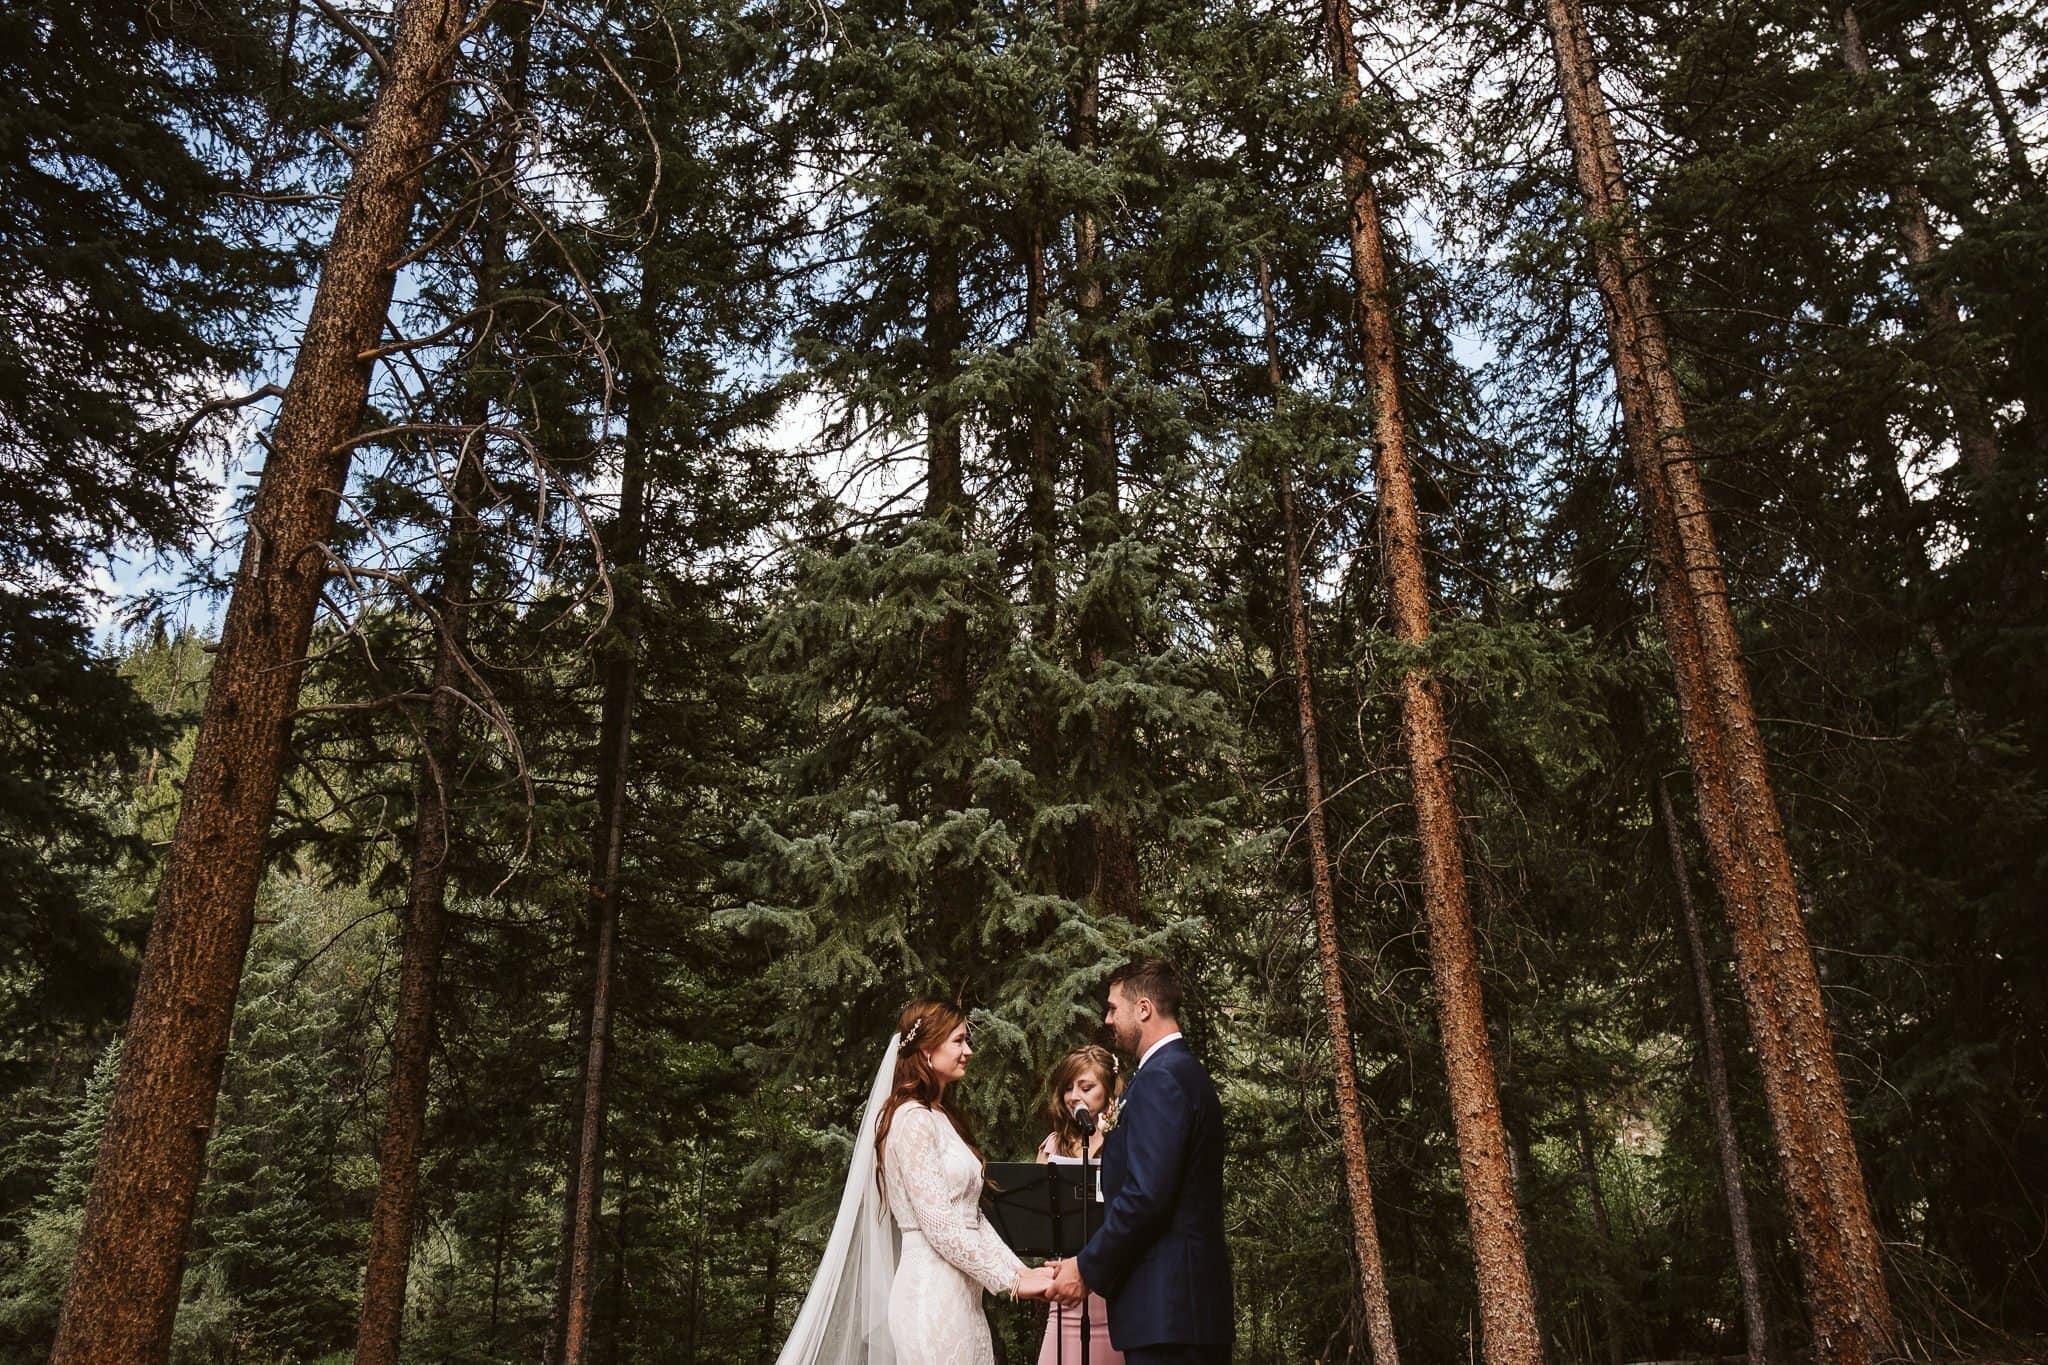 Rivertree Lodge wedding ceremony in Breckenridge, Colorado